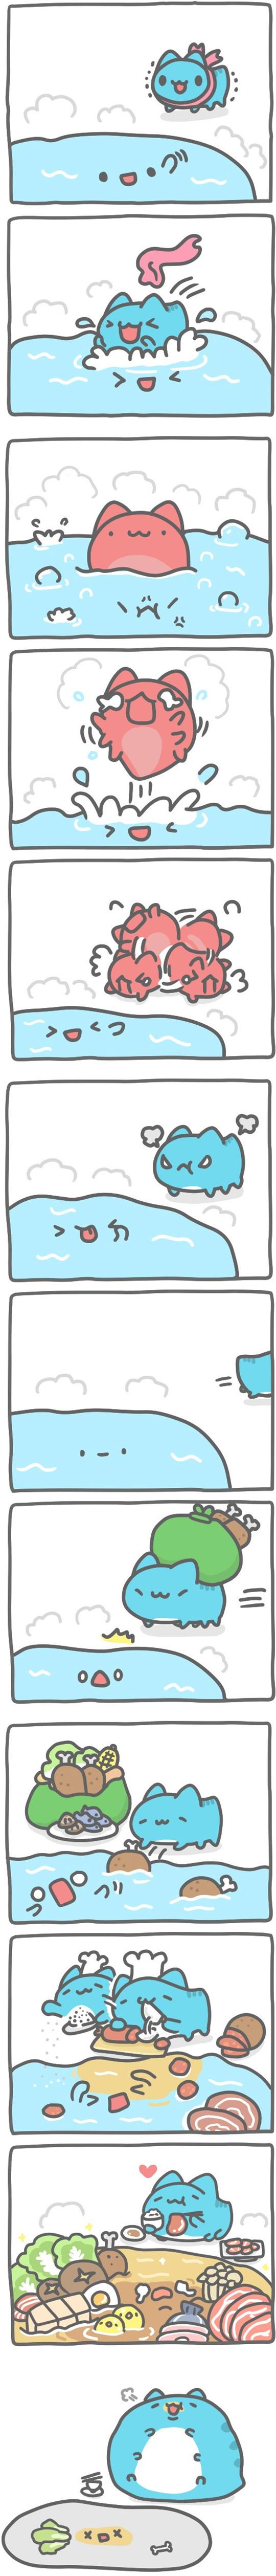 Truyện Mìn Lèo #388: Tắm nước nóng